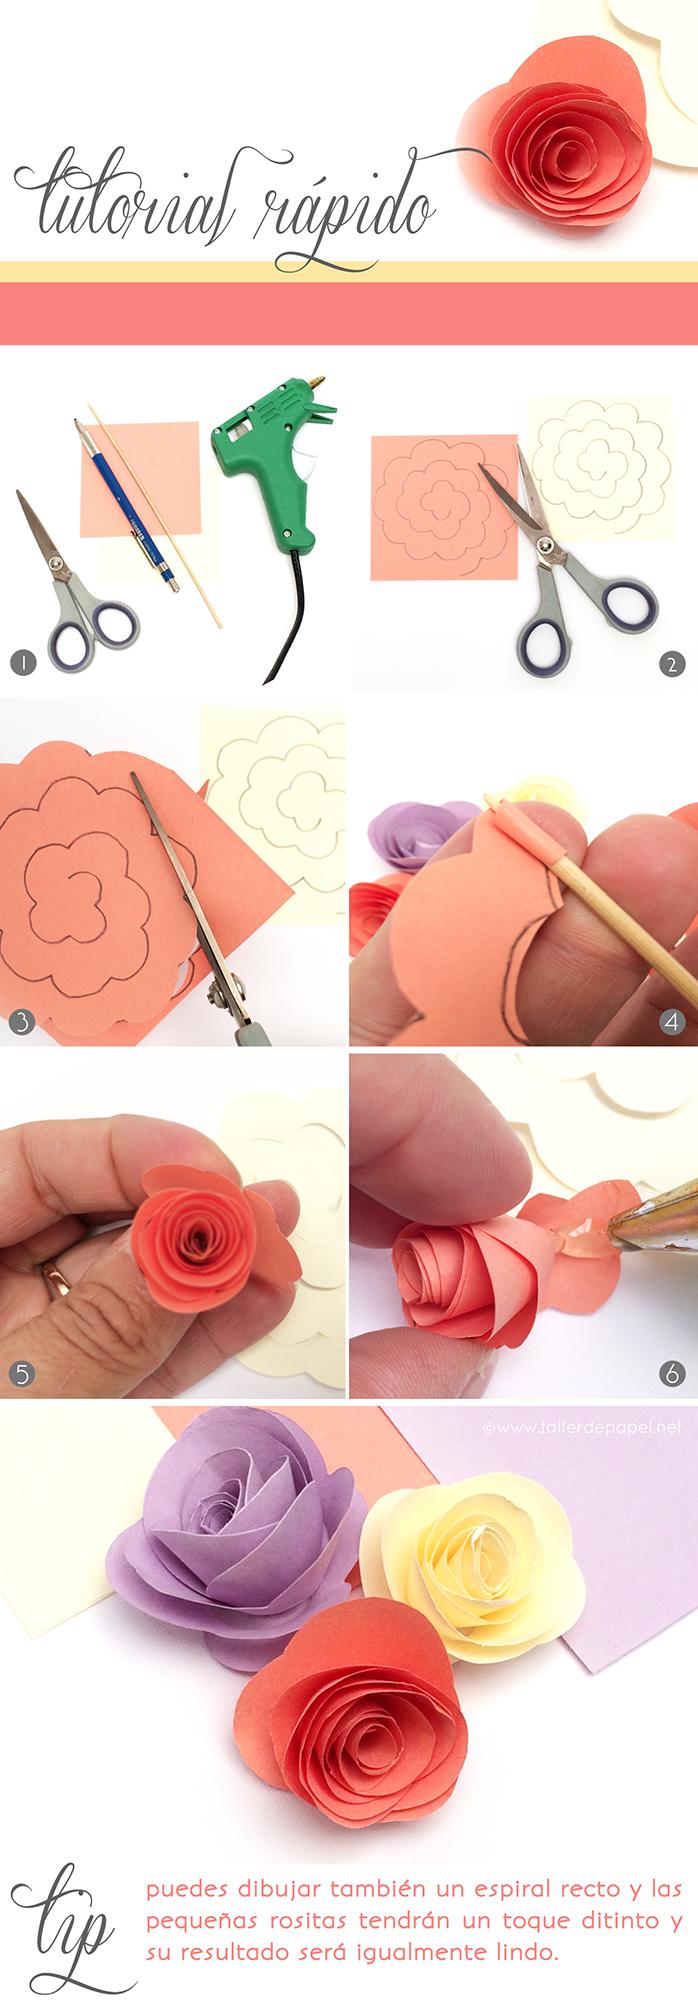 DIY Tutorial Rápido: Hoy como hacer mini rositas de papel! Sigue este simple paso a paso